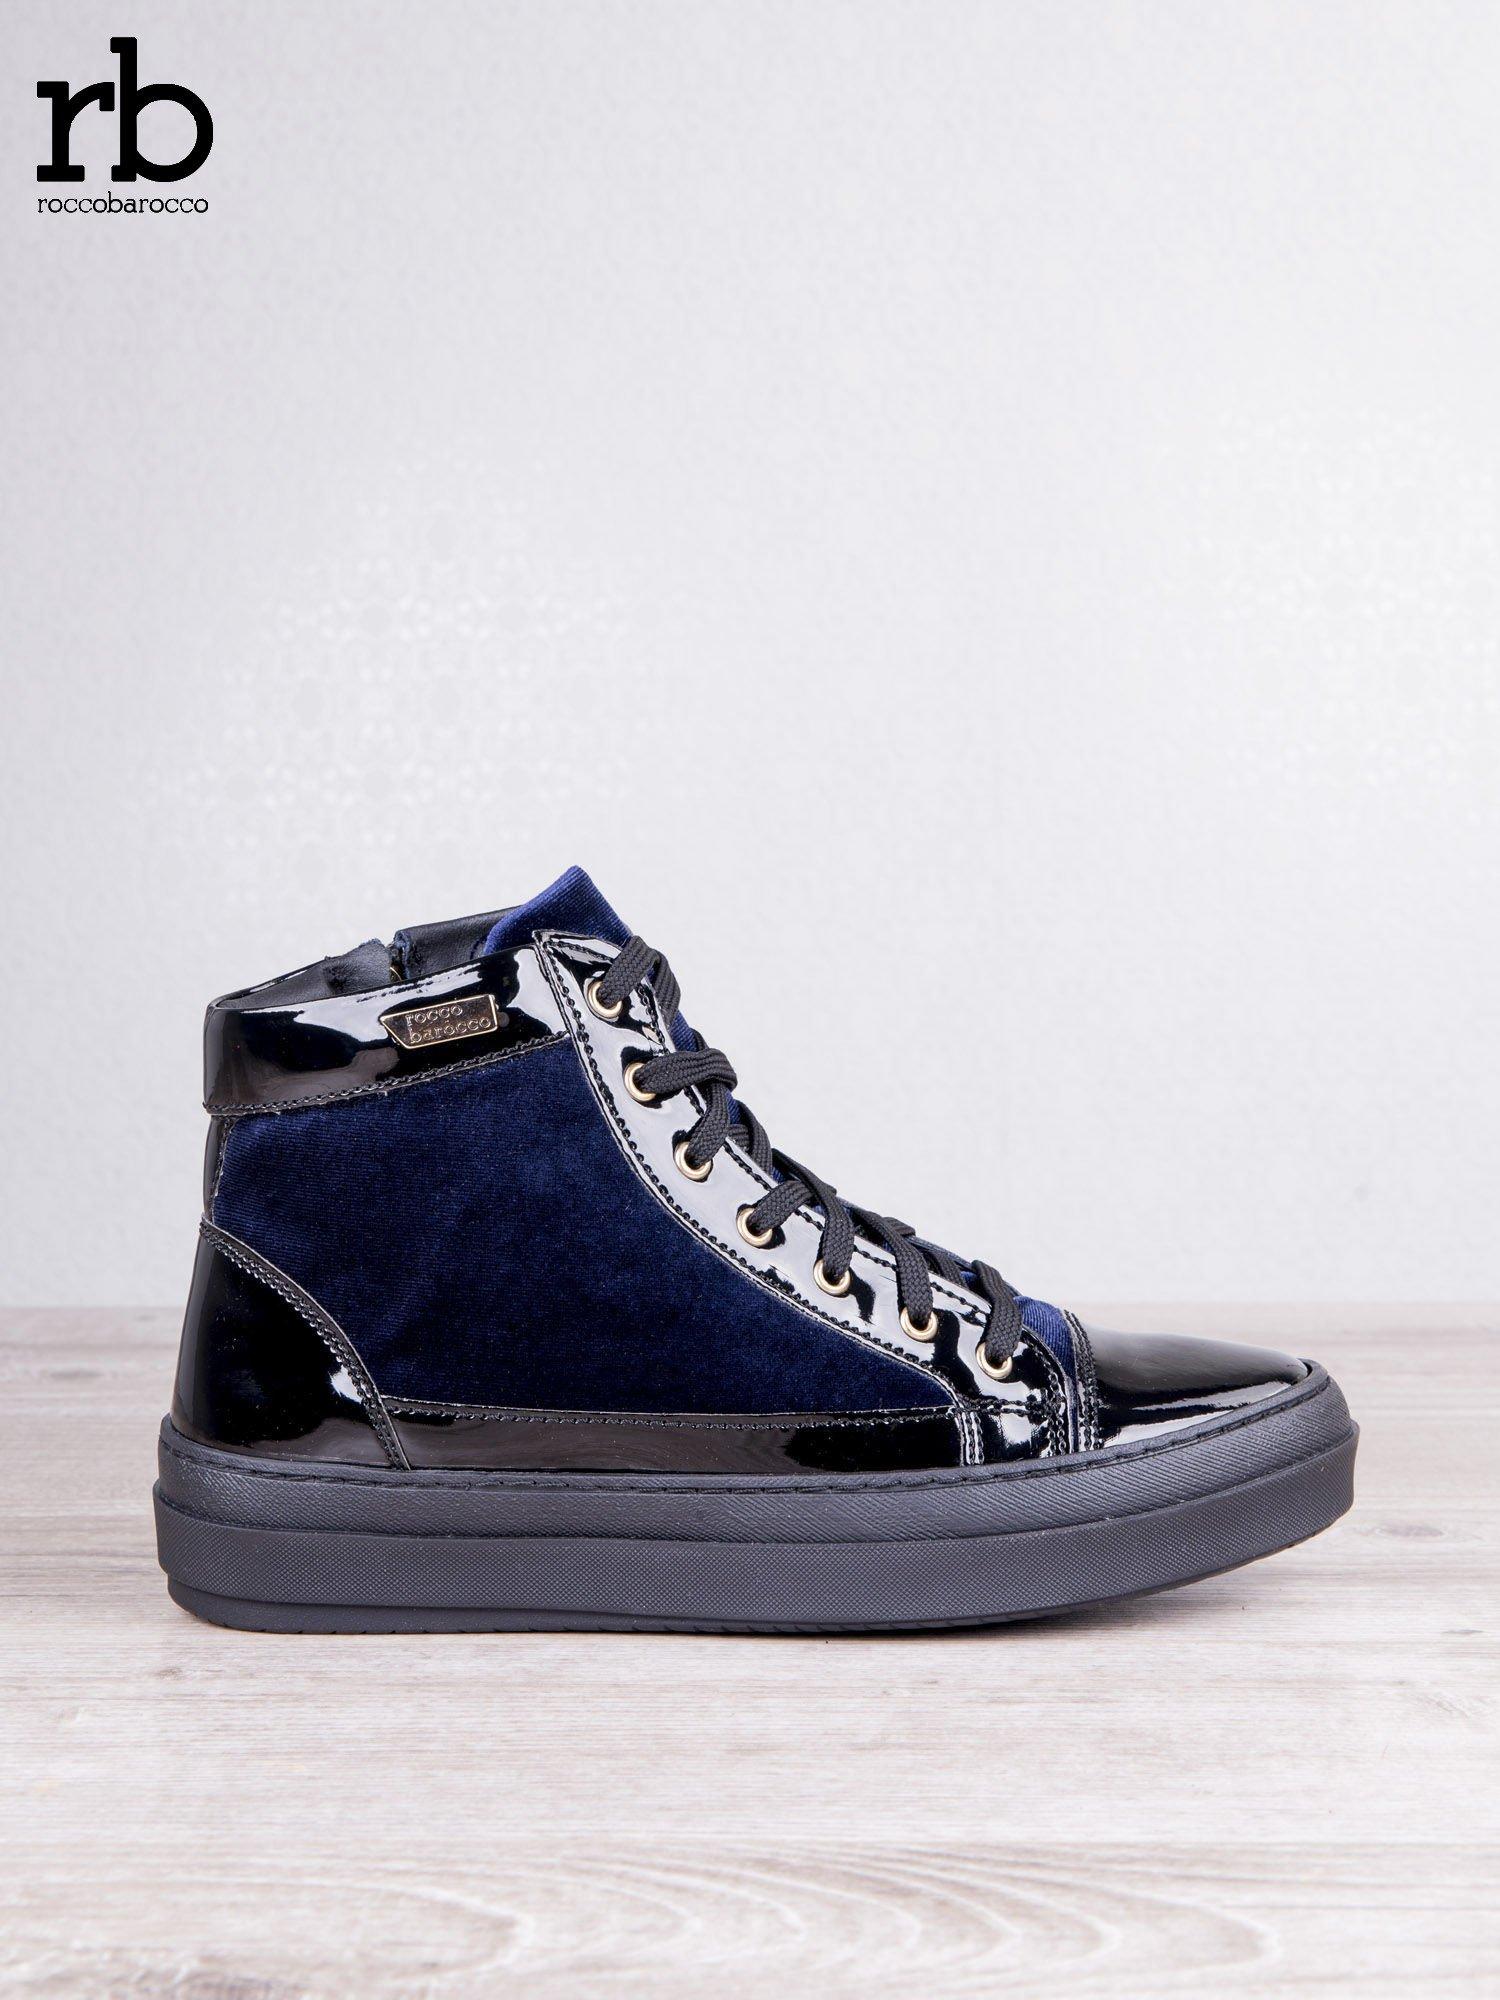 ROCCOBAROCCO granatowe welurowe sneakersy dual style z lakierowanymi wstawkami                                   zdj.                                  2